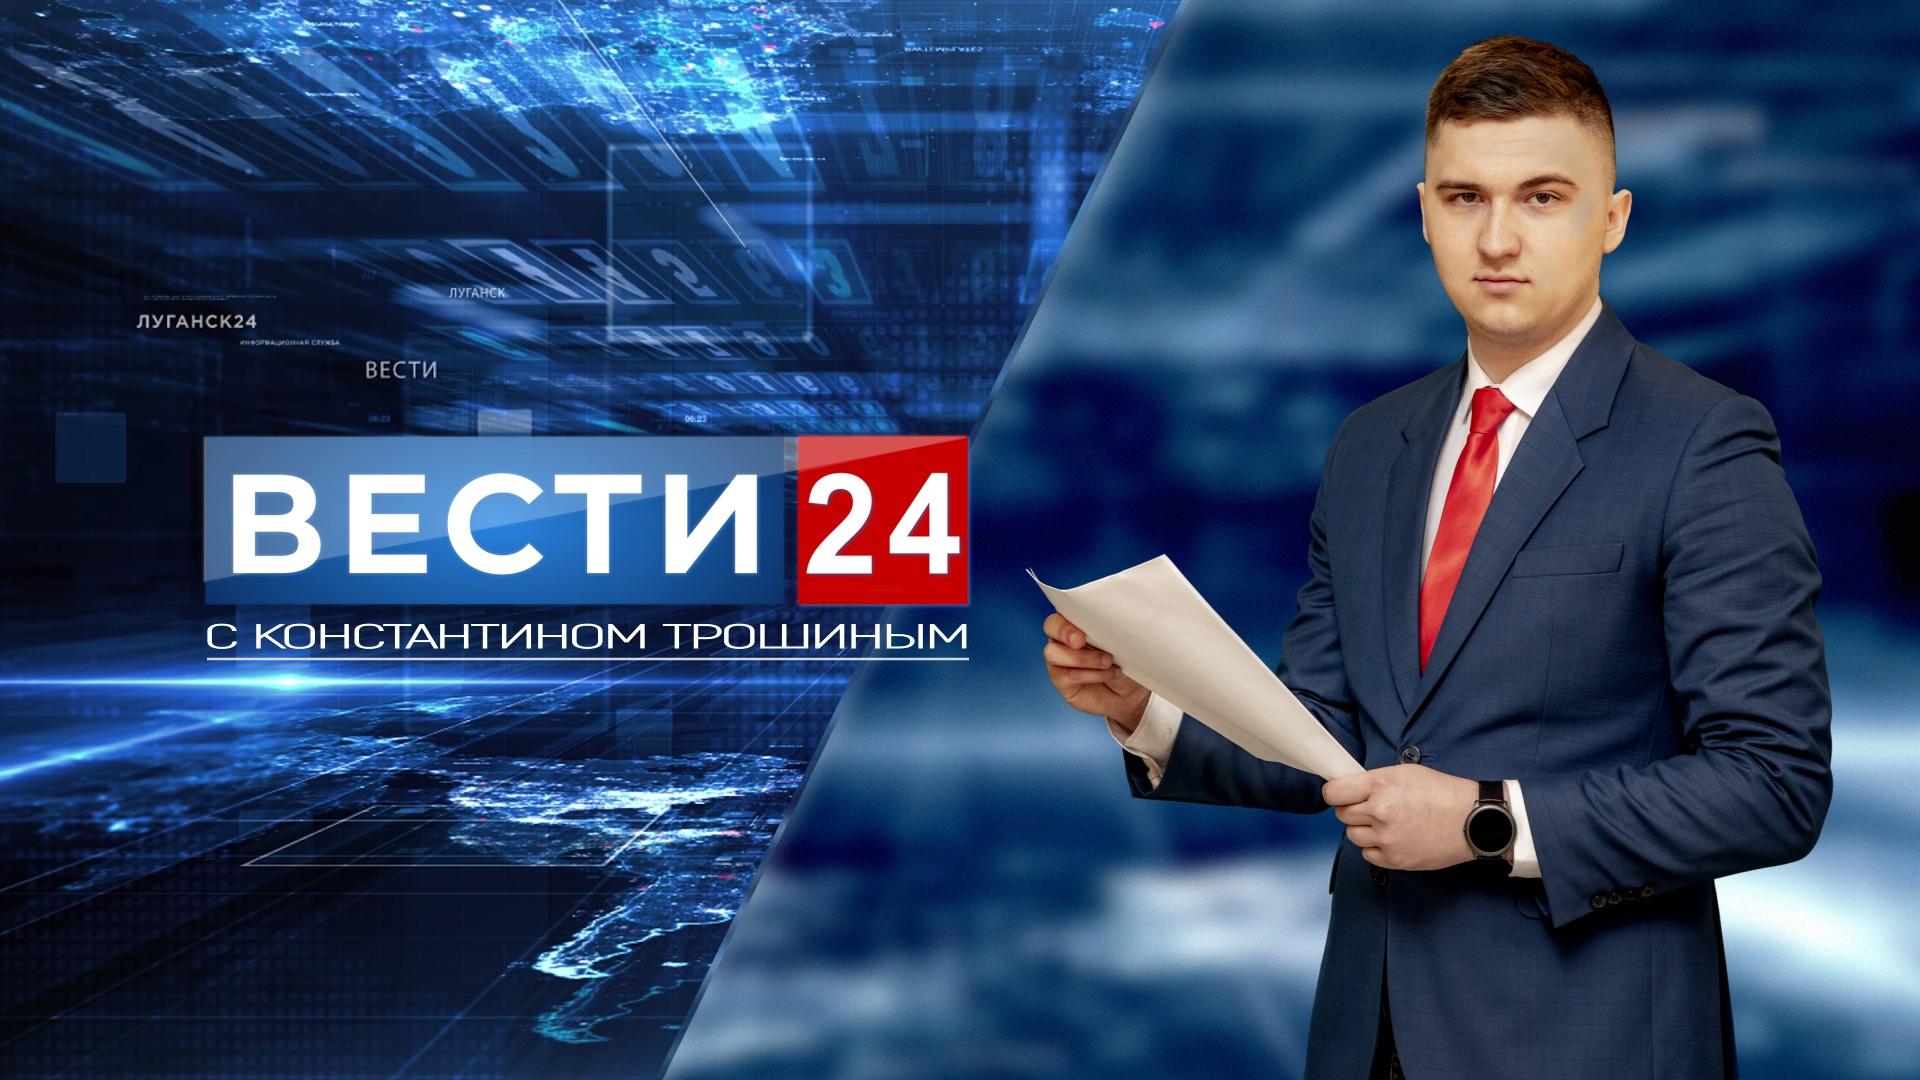 ГТРК ЛНР. Вести. 29 июля 2021 г. 9:00